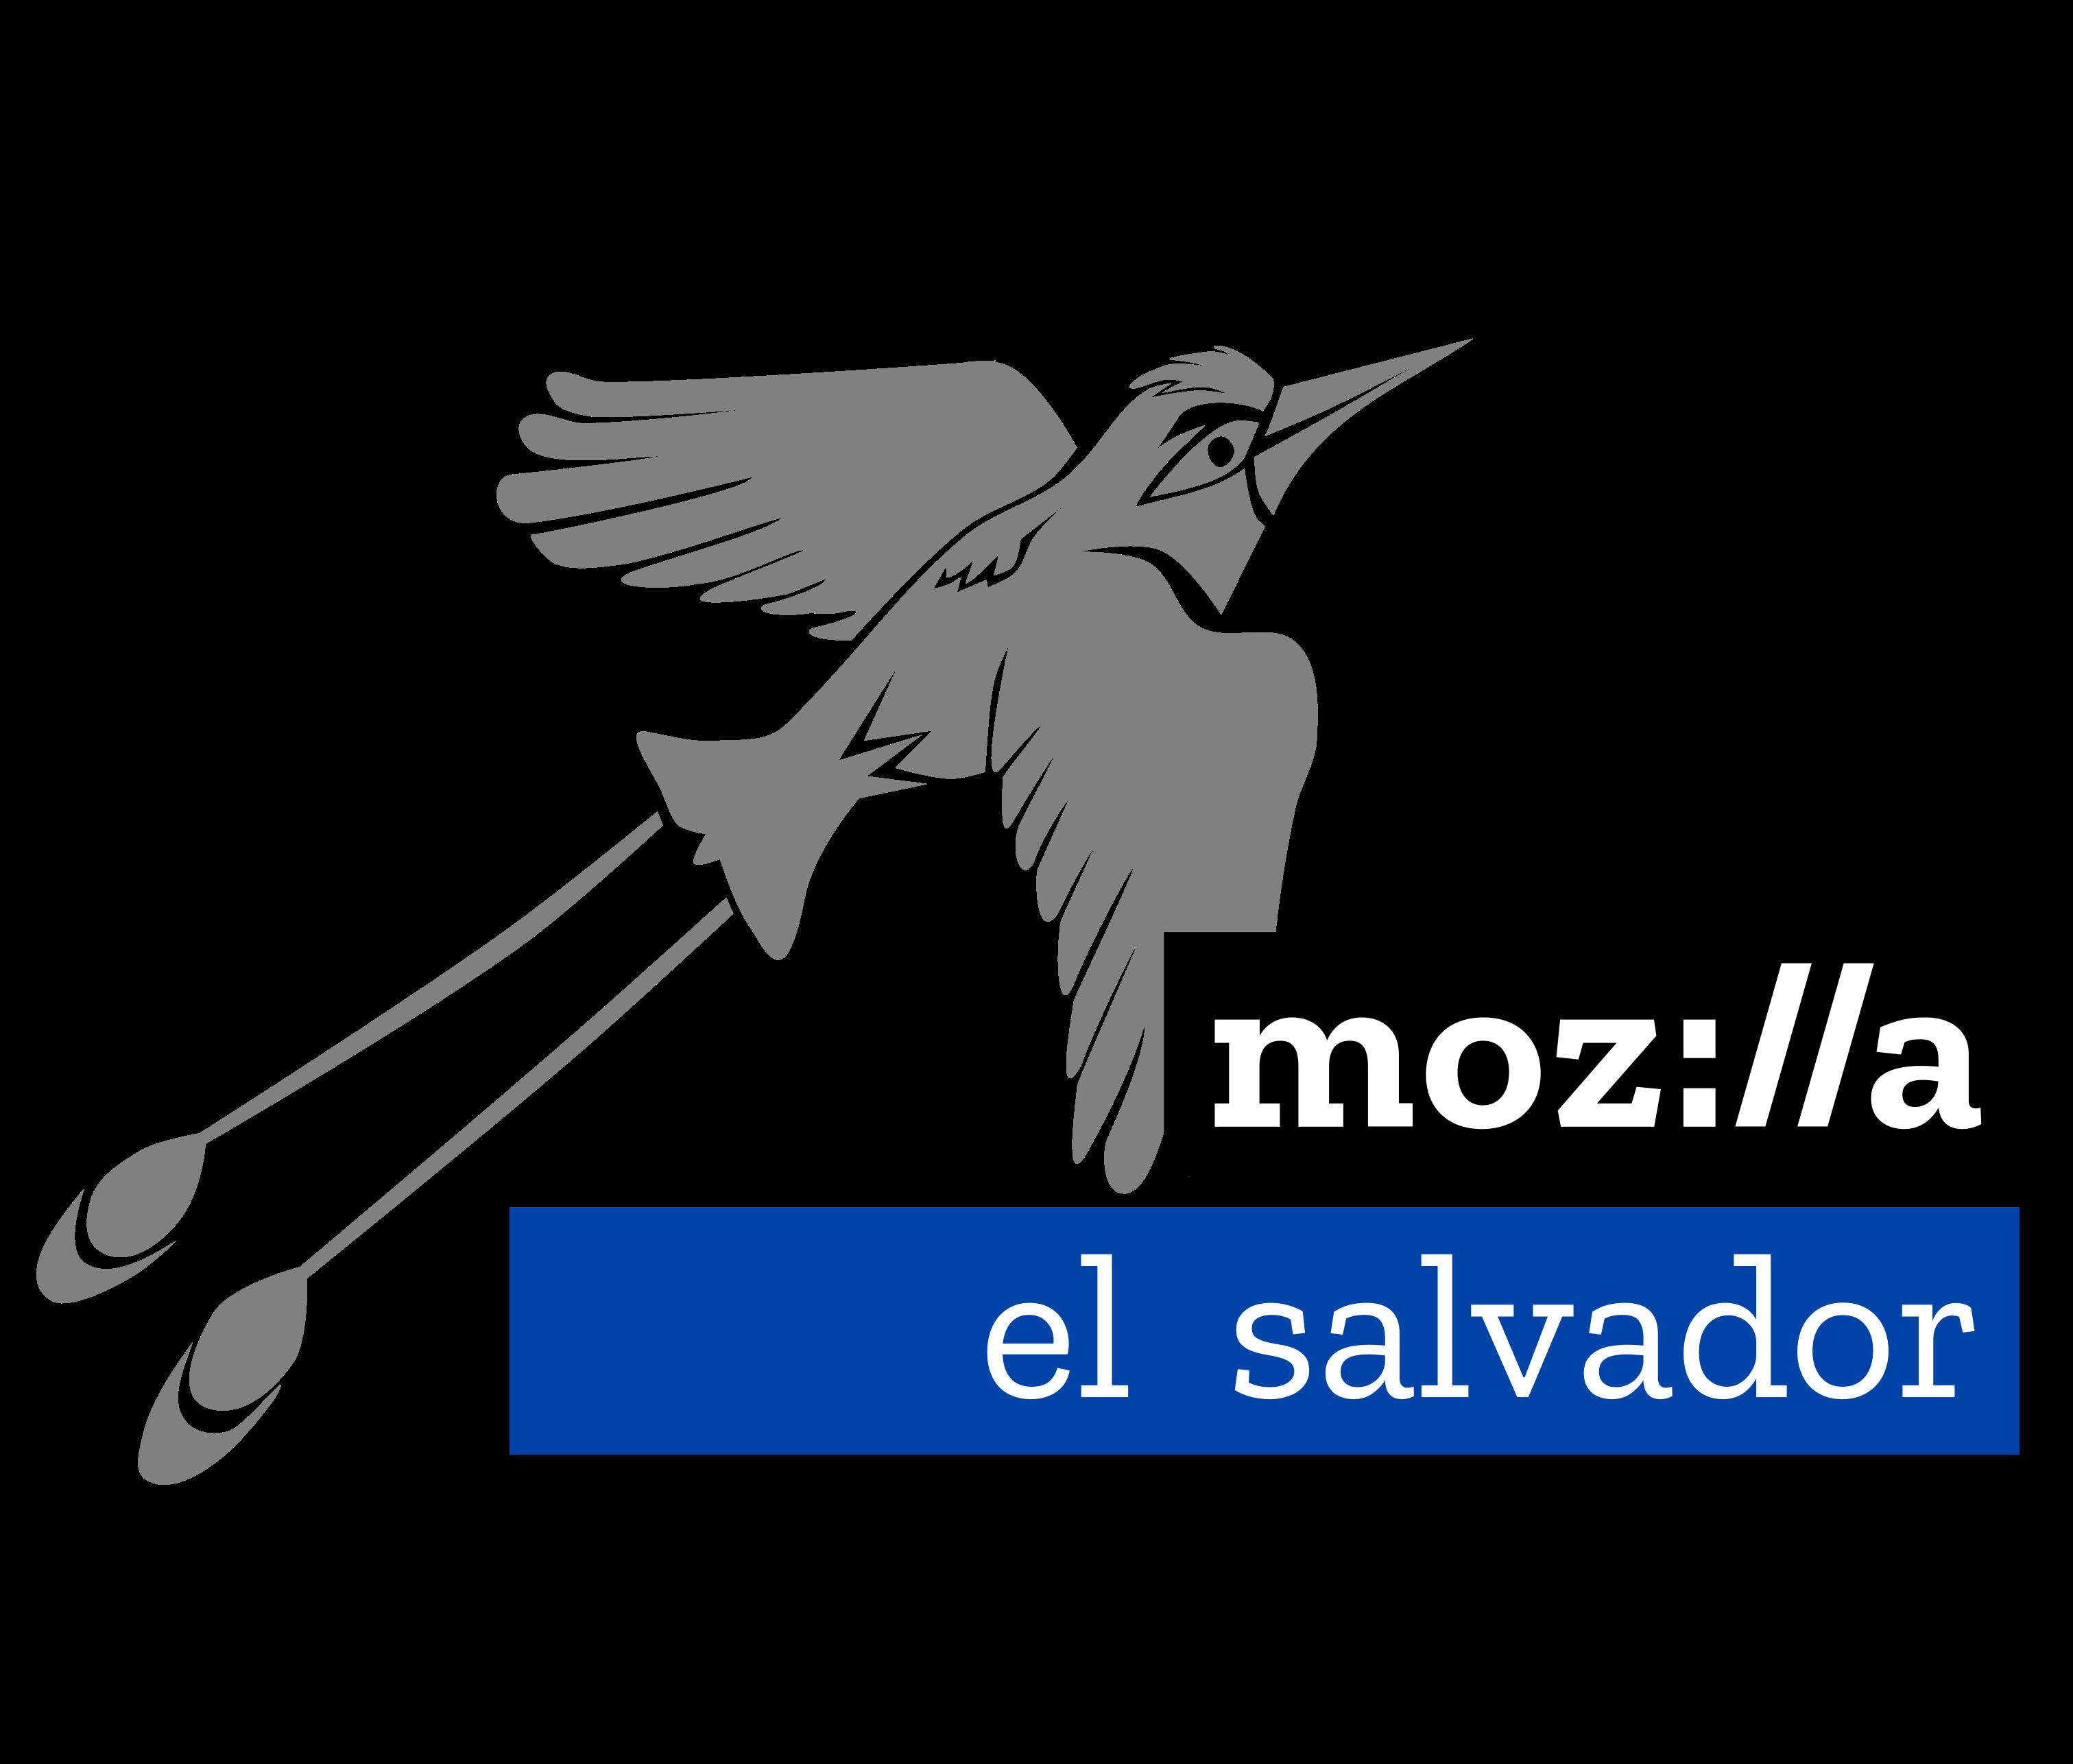 Mozilla El Salvador logo